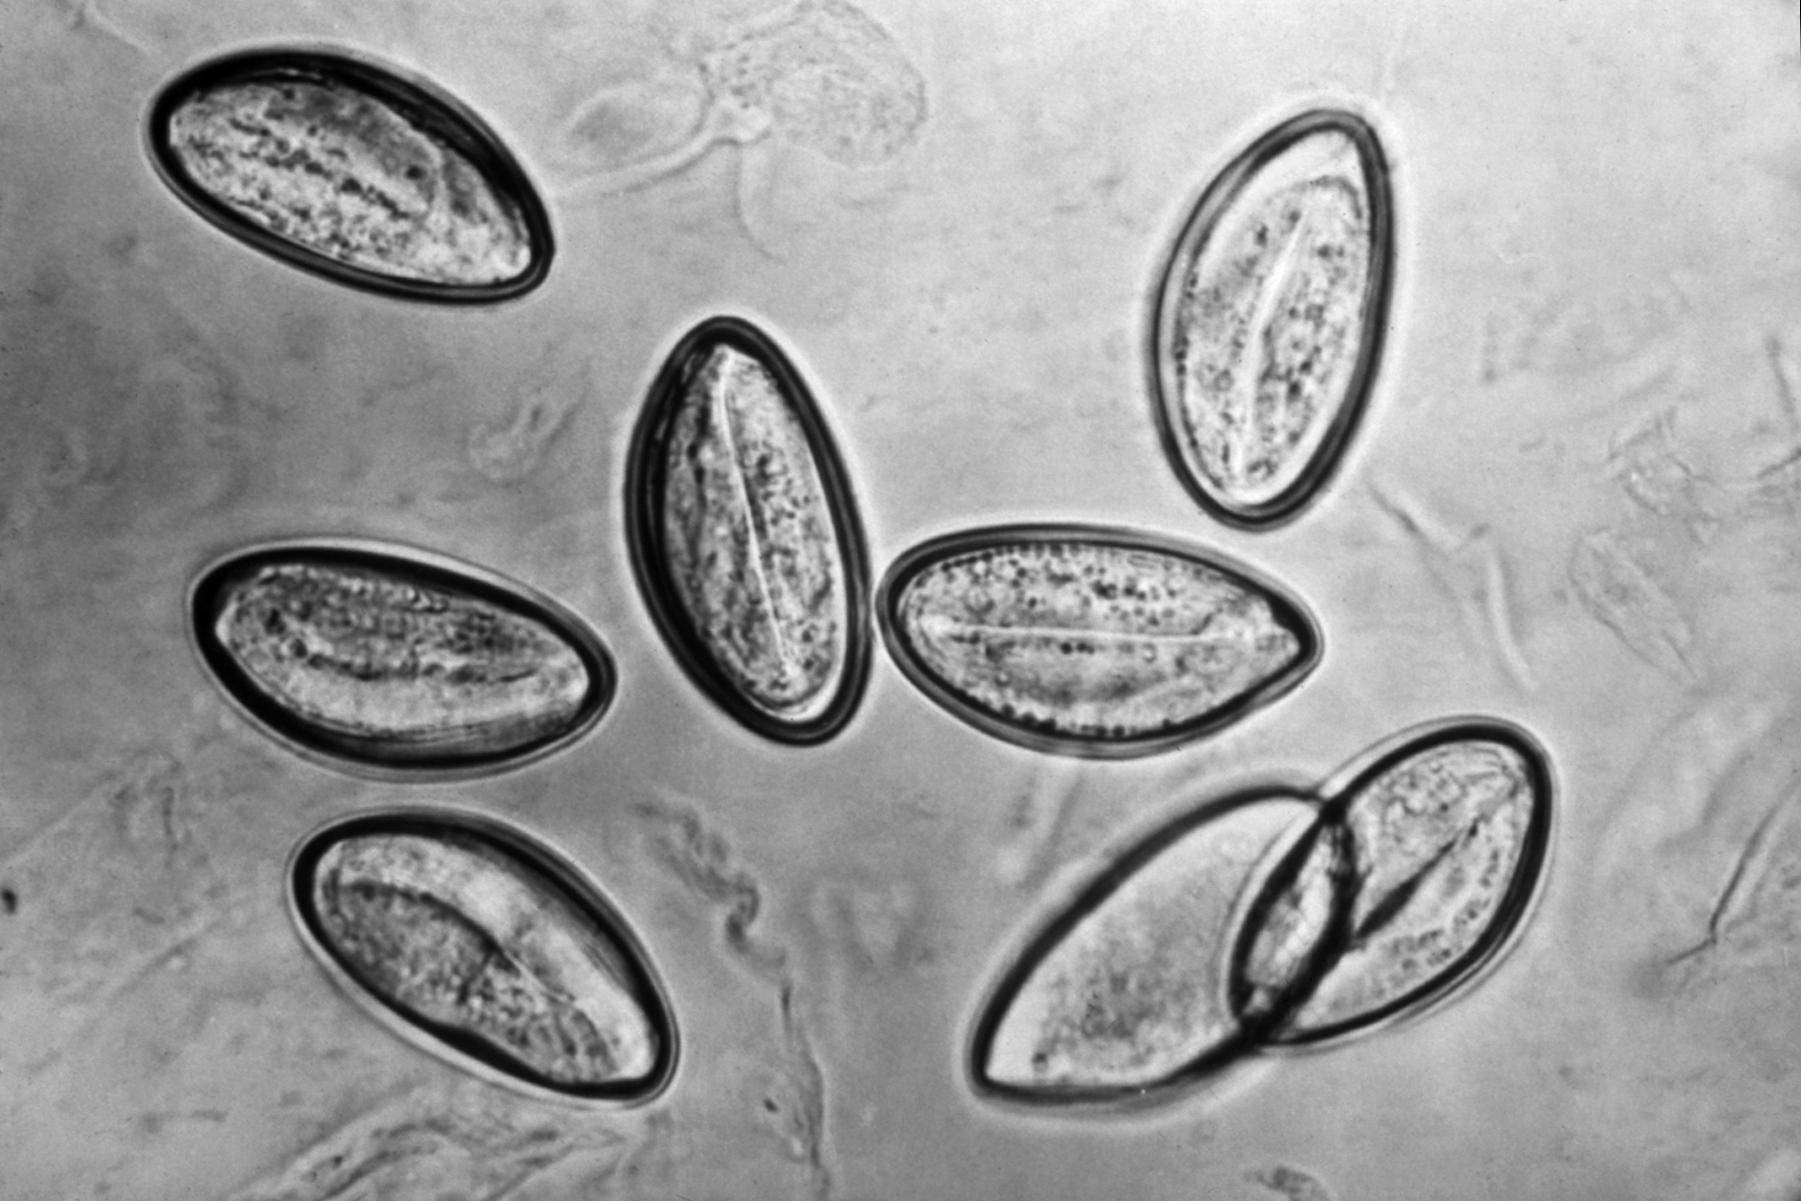 enterobius vermicularis location in the body